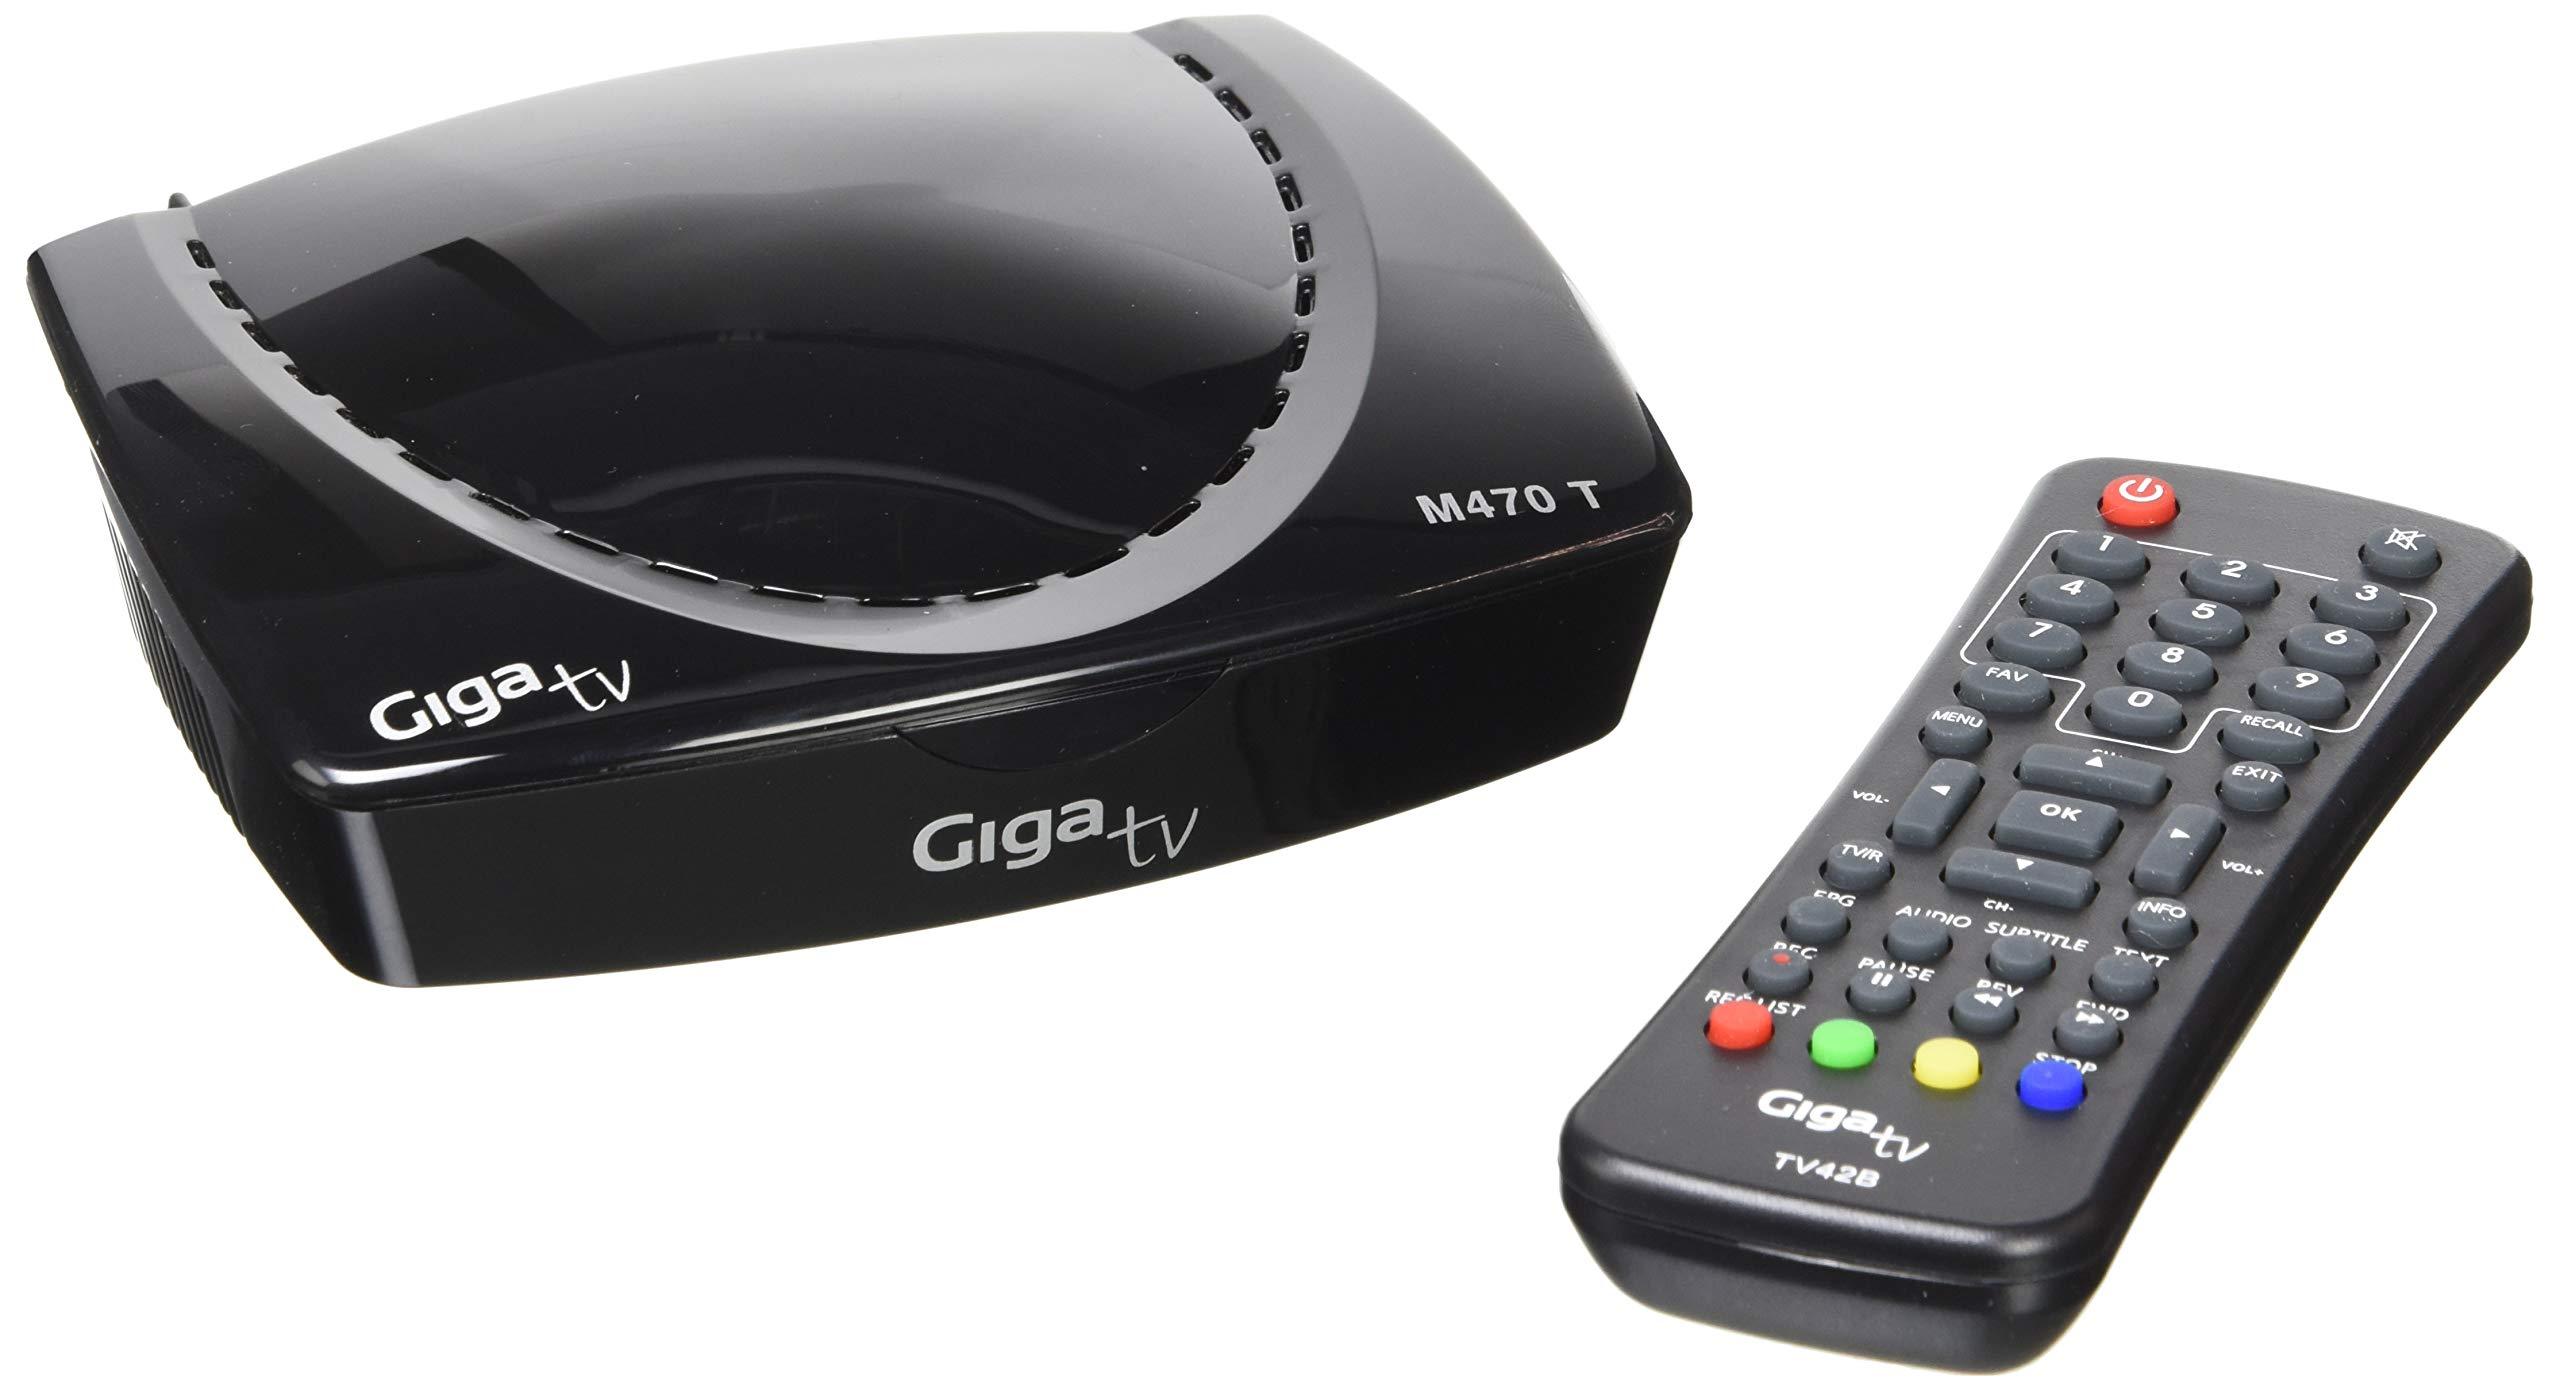 Sintonizador TDT giga tv m470t.: Amazon.es: Electrónica